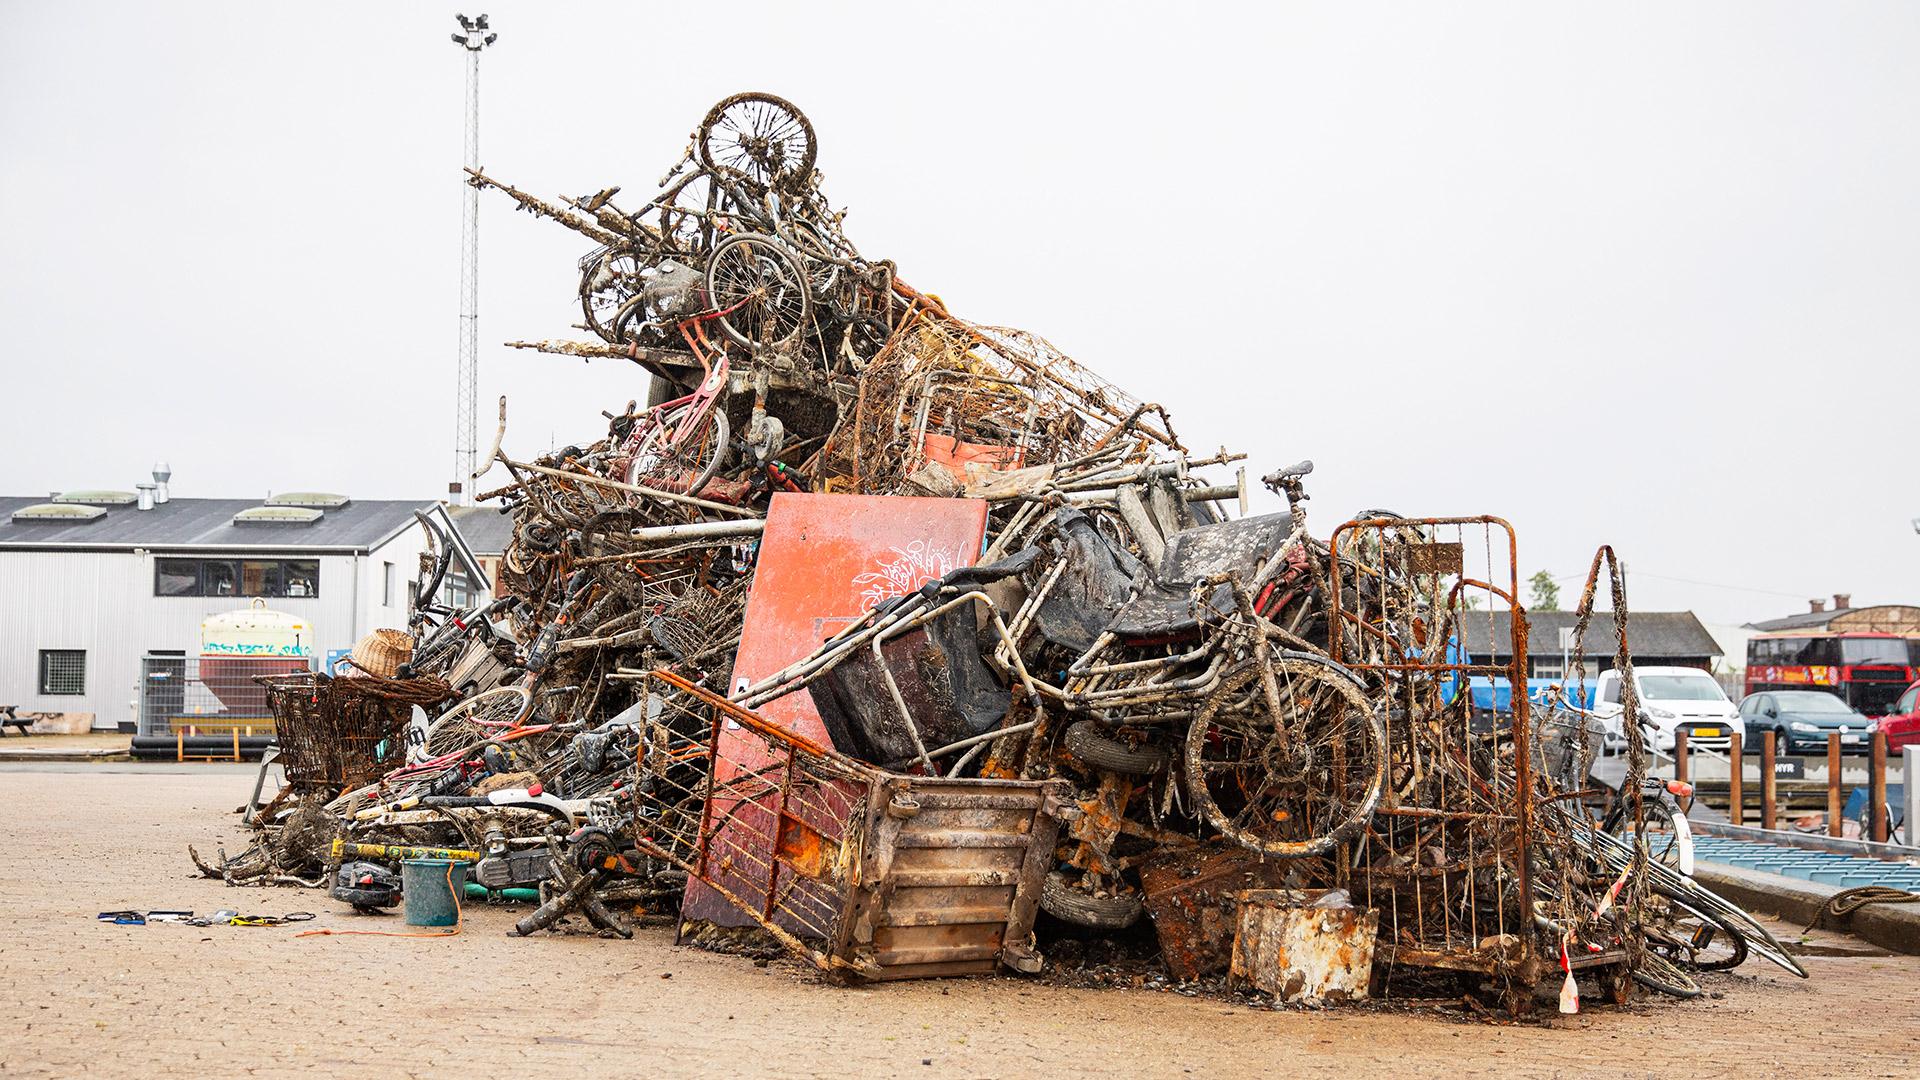 Affald (95)